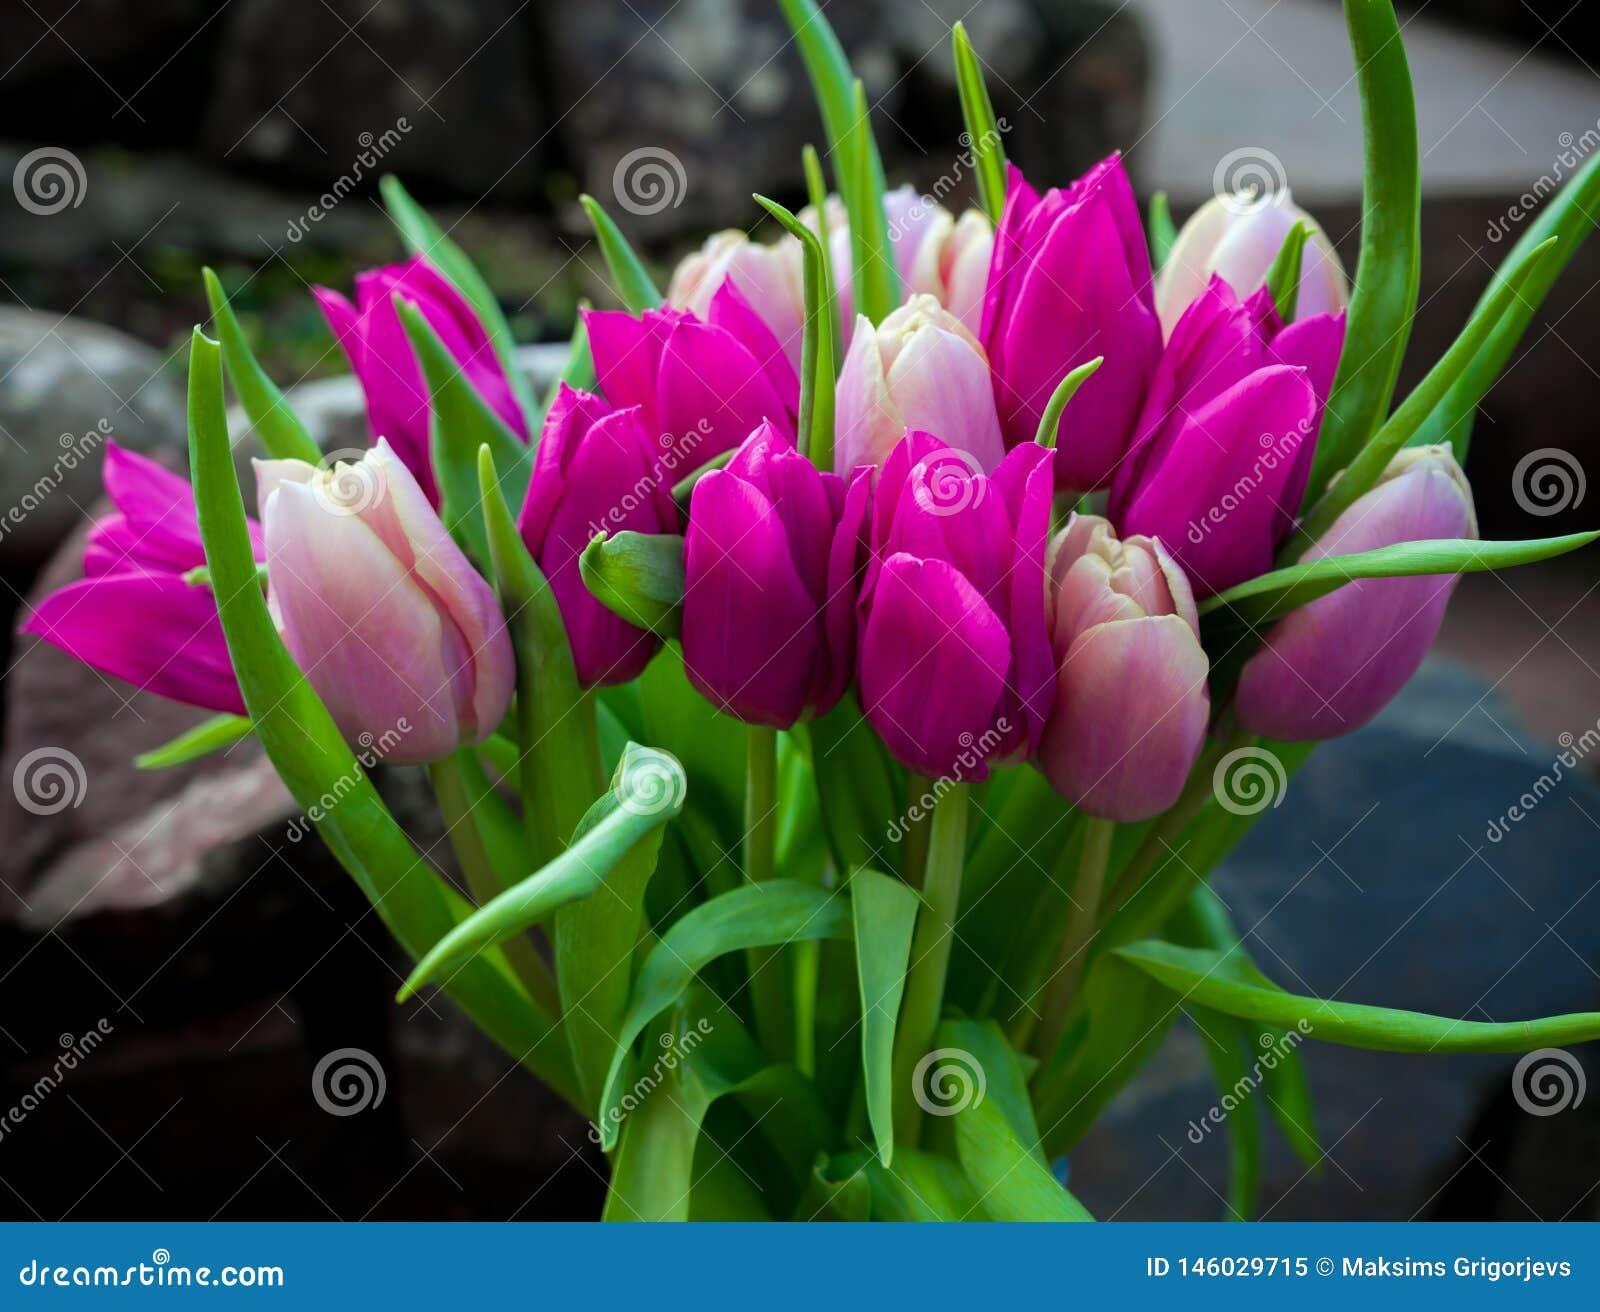 Όμορφα ρόδινα και πορφυρά λουλούδια ανθοδεσμών τουλιπών